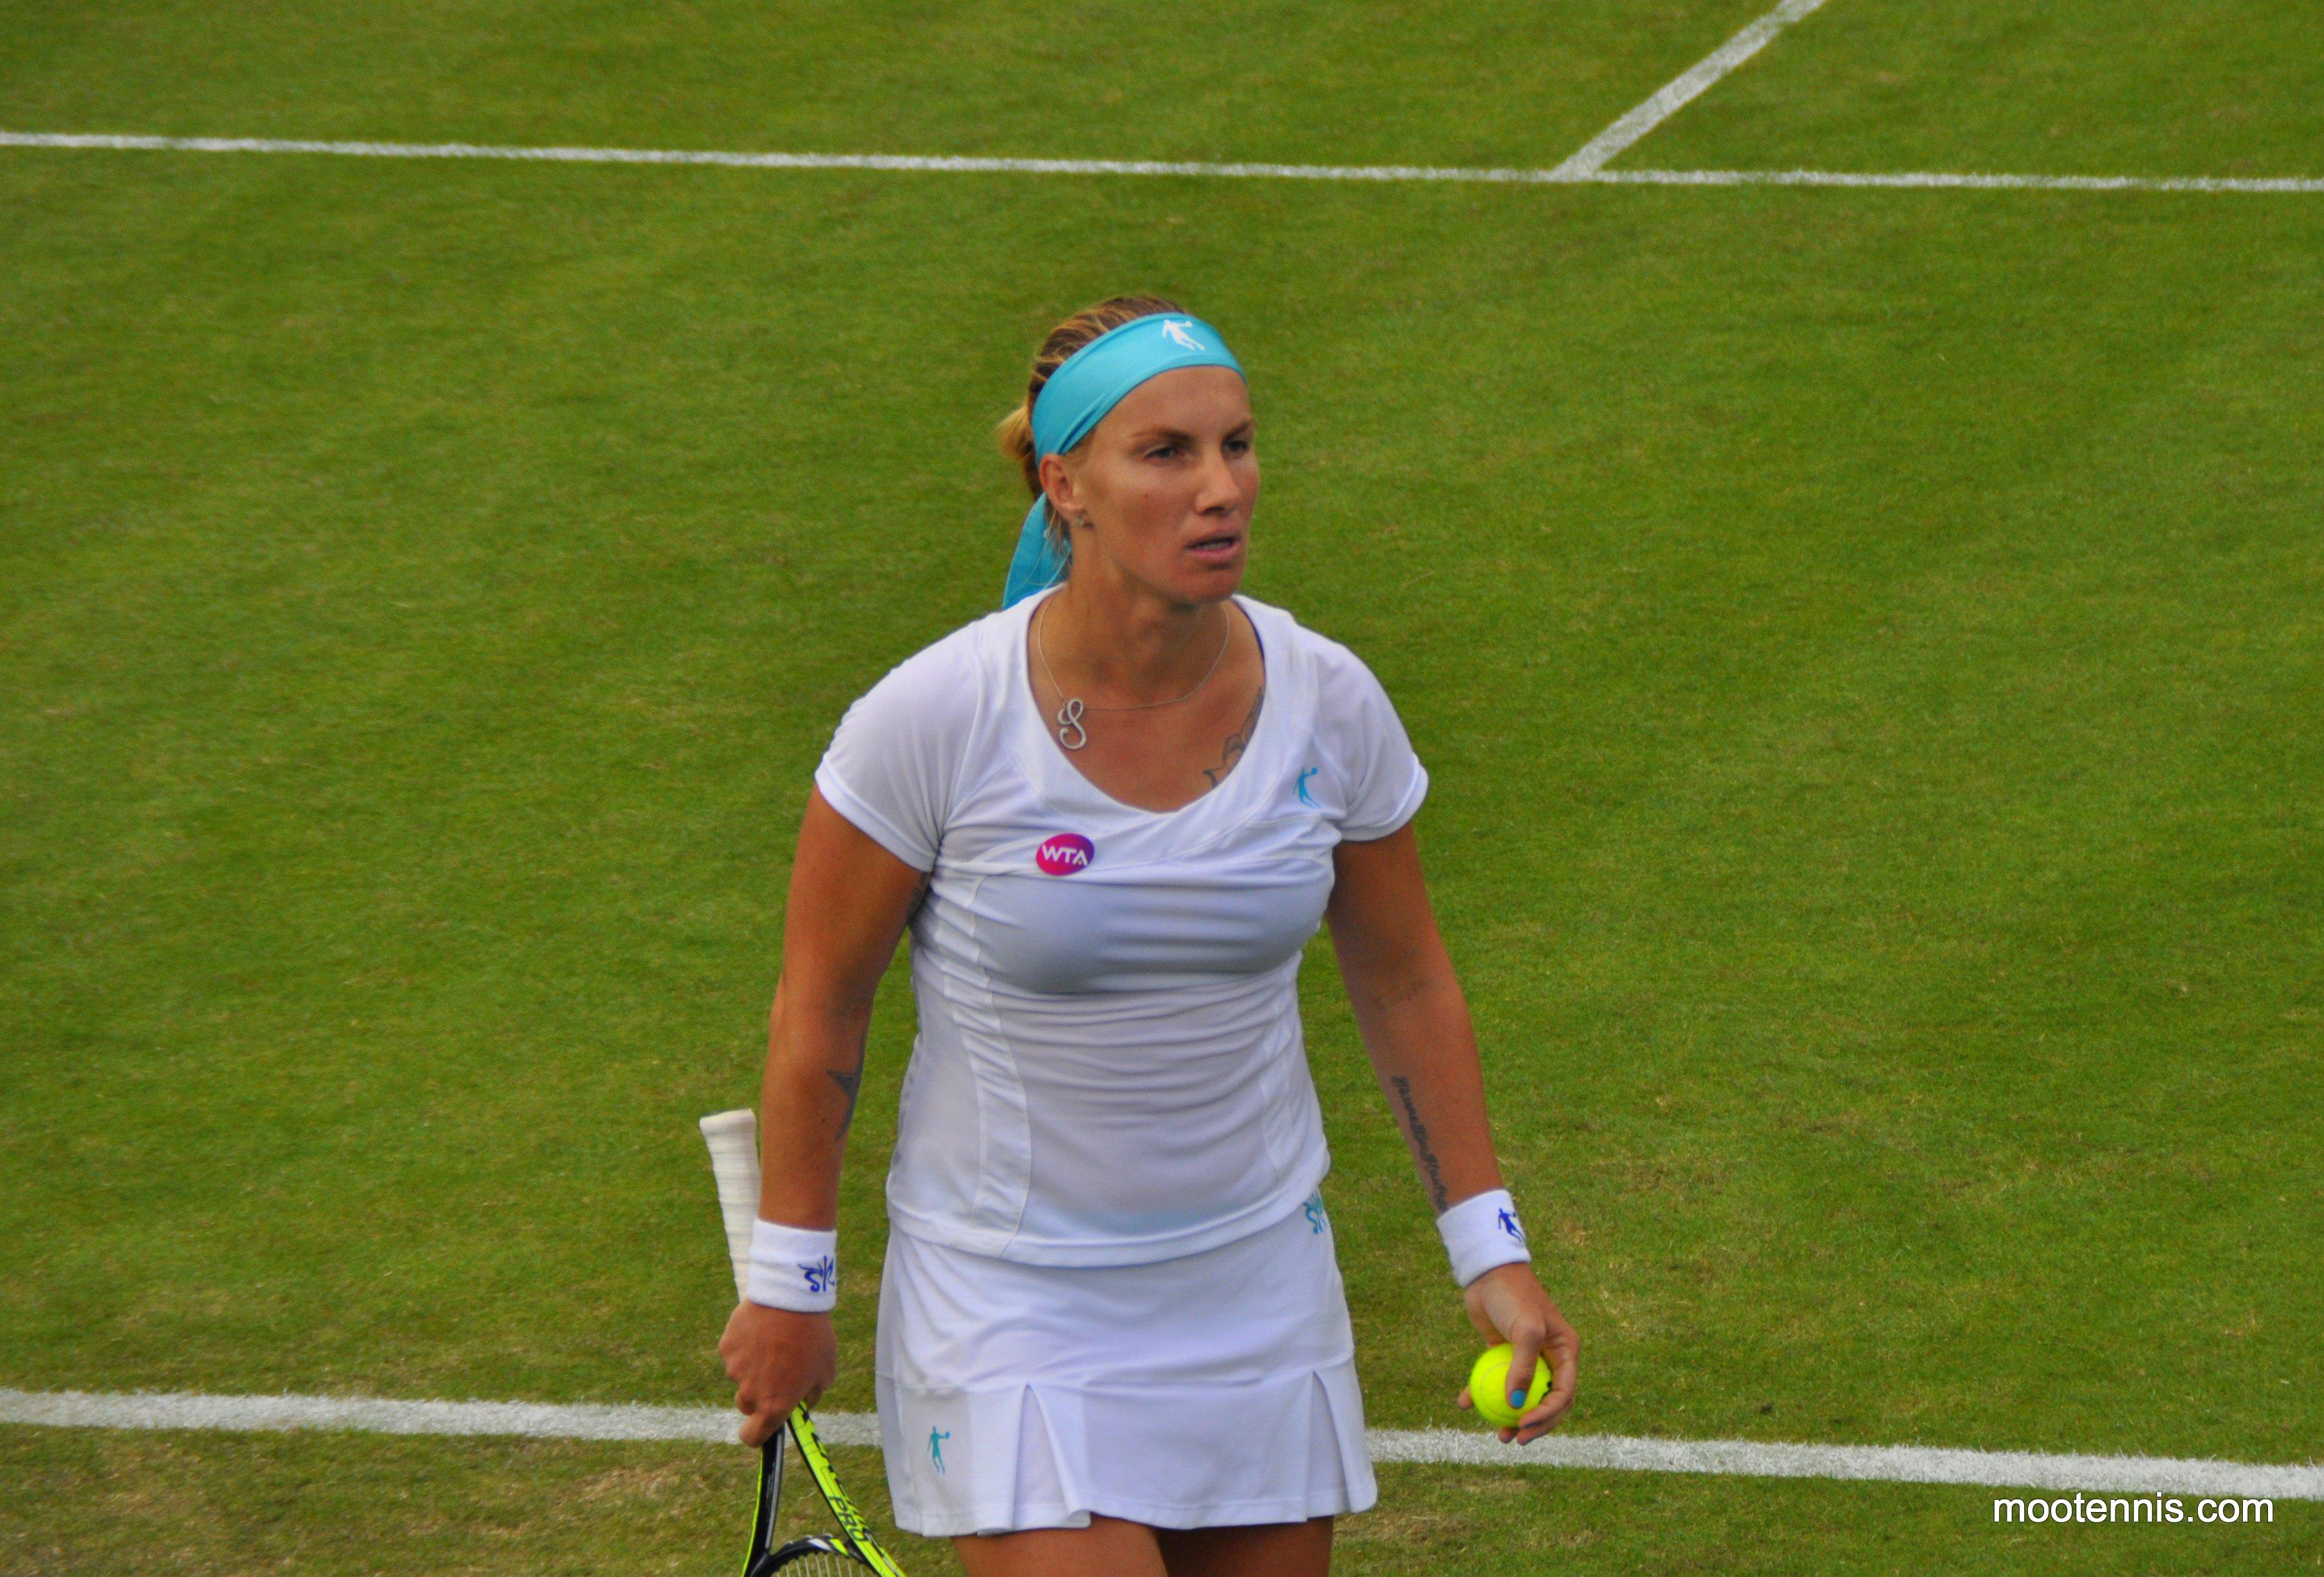 WTA Miami Open 2016 Final Preview Victoria Azarenka v Svetlana